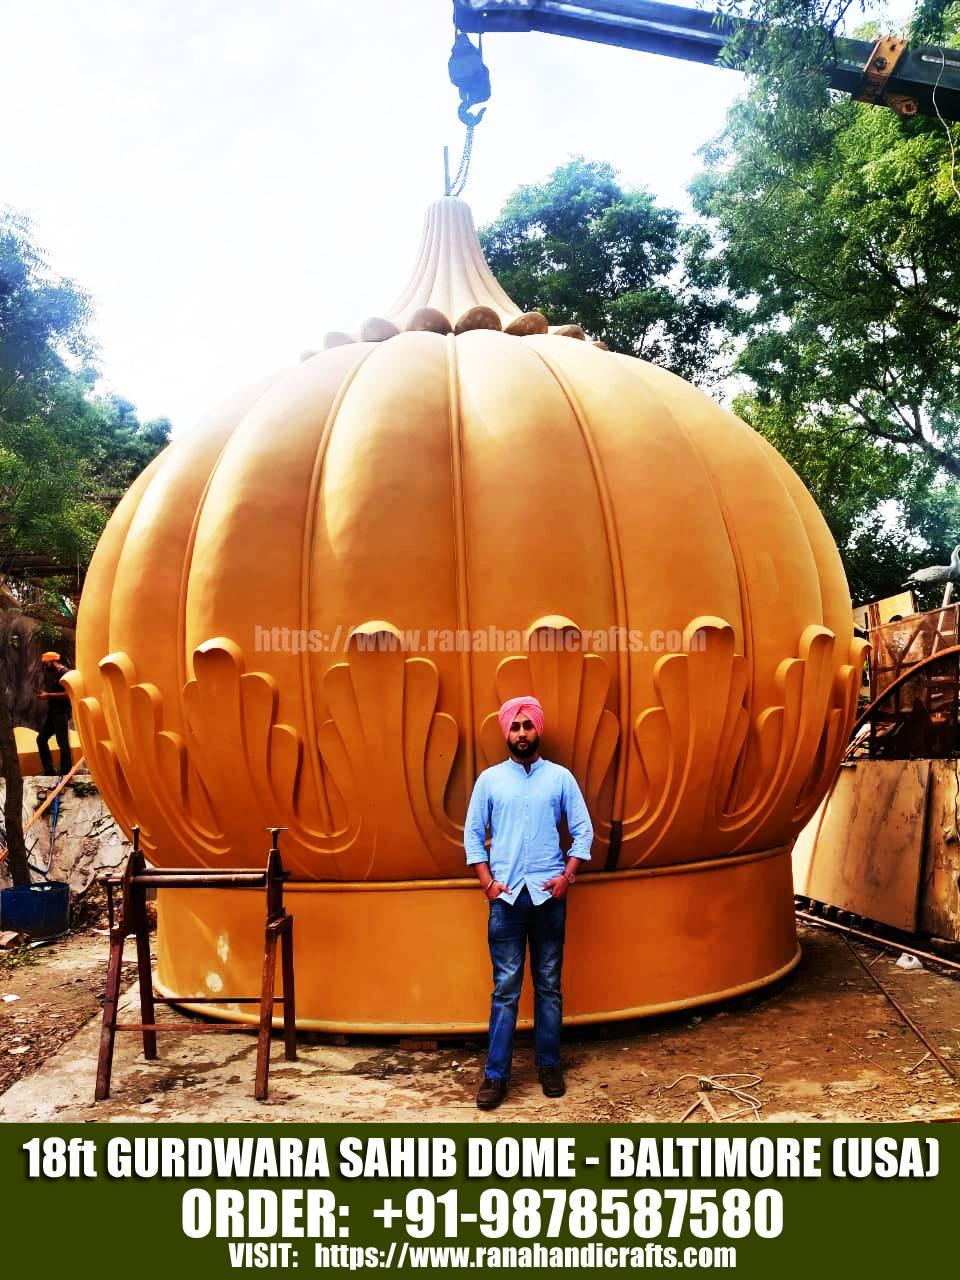 Uday with 18ft Gurdwara Sahib Dome for Baltimore - USA